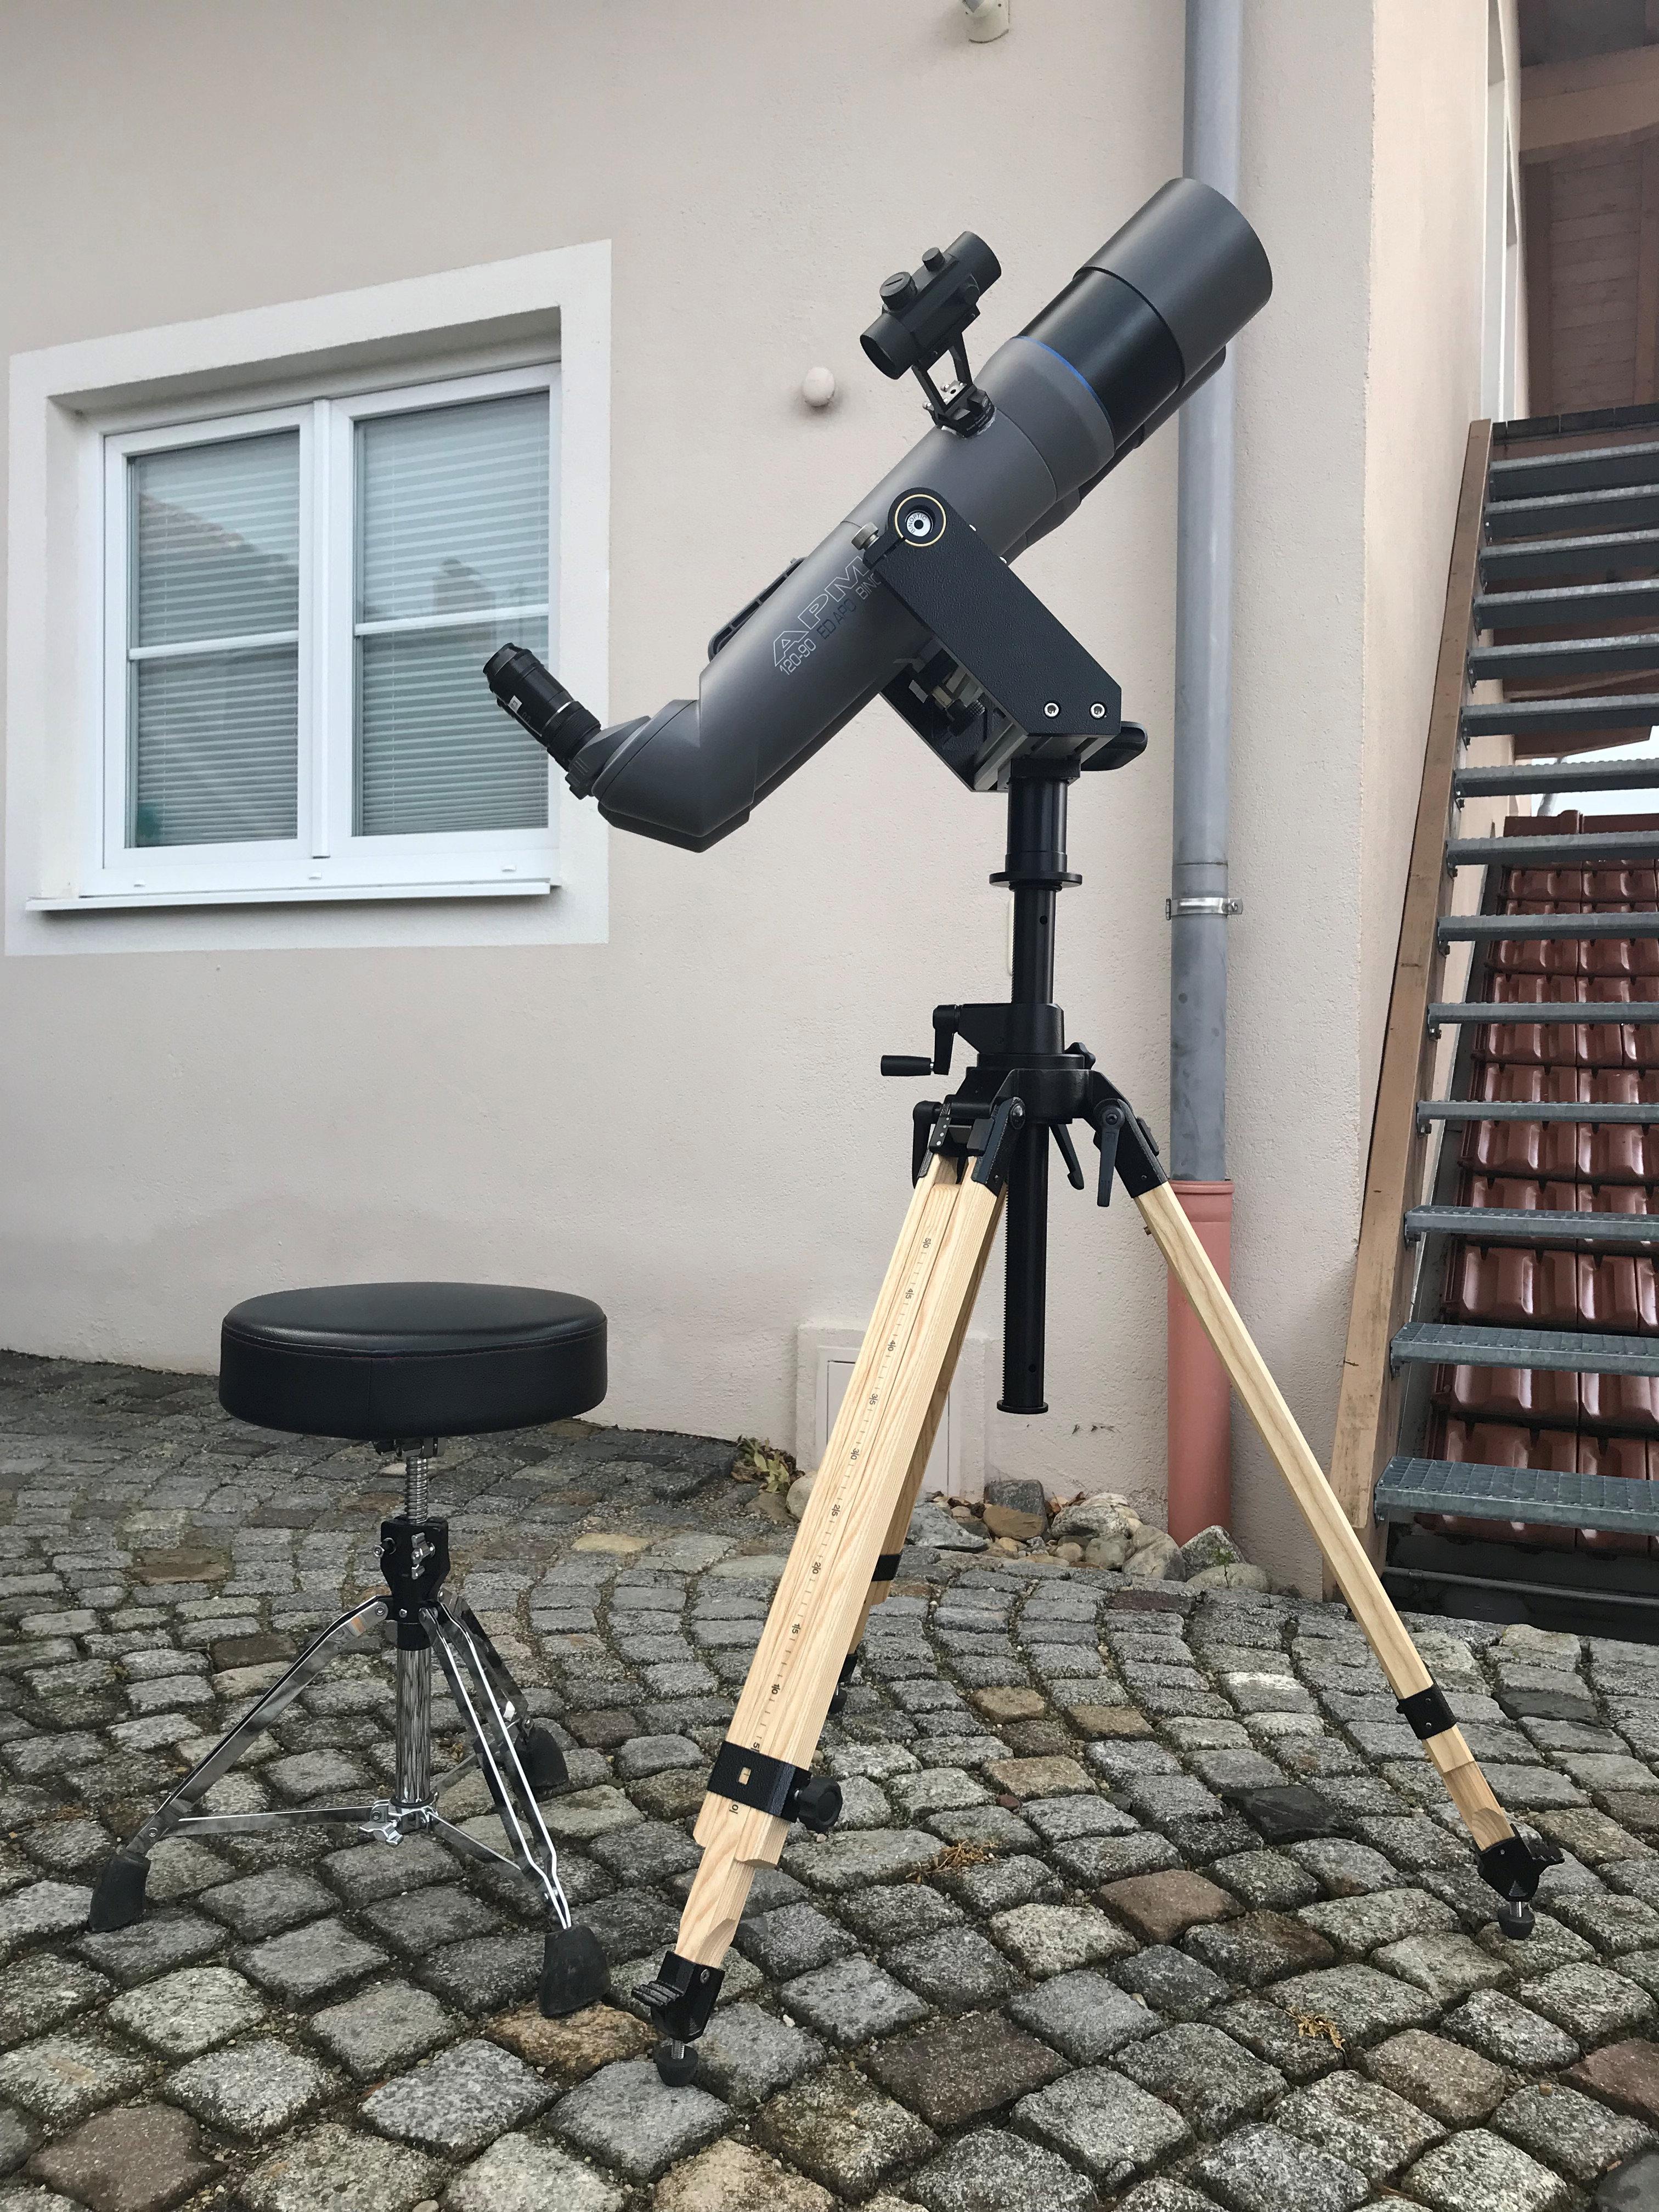 Der Astrostuhl harmoniert bestens mit allen Refarktor-Teleskopen/Binos/Großferngläsern in Kombination mit höhenverstellbaren Stativen